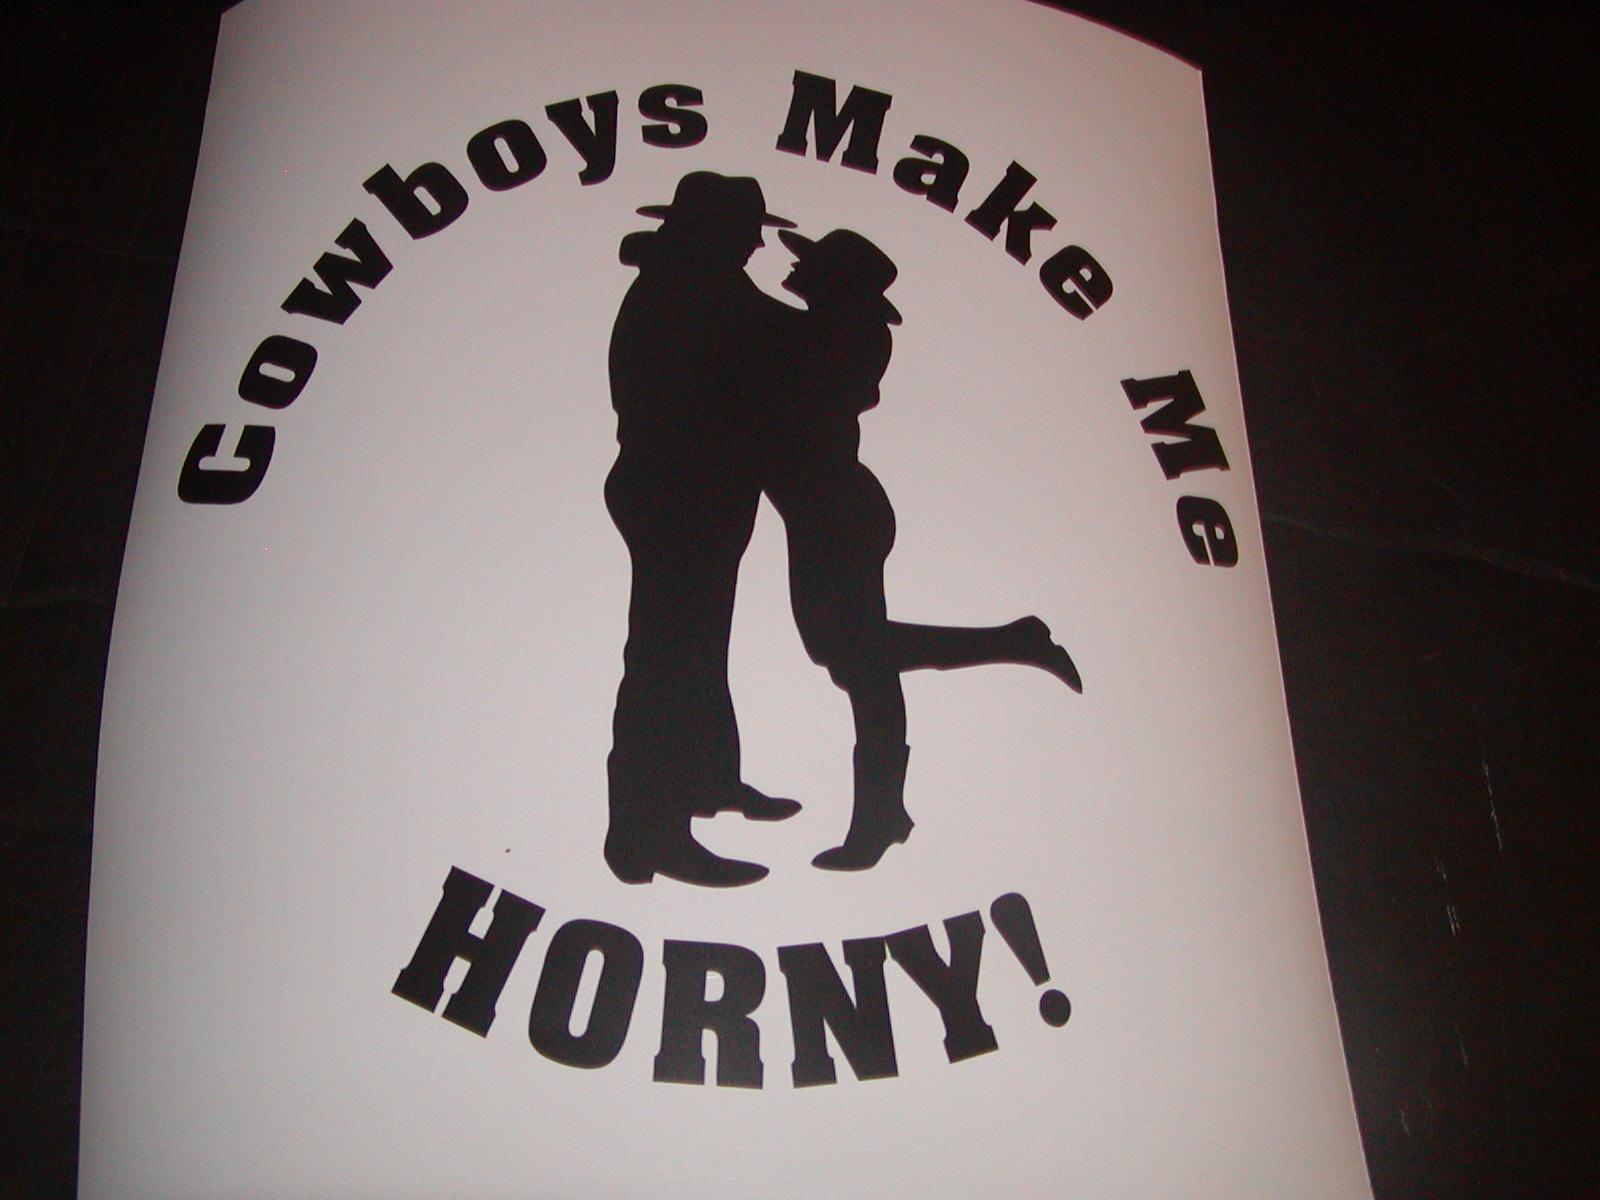 Cowboys Make Me Horny Decal